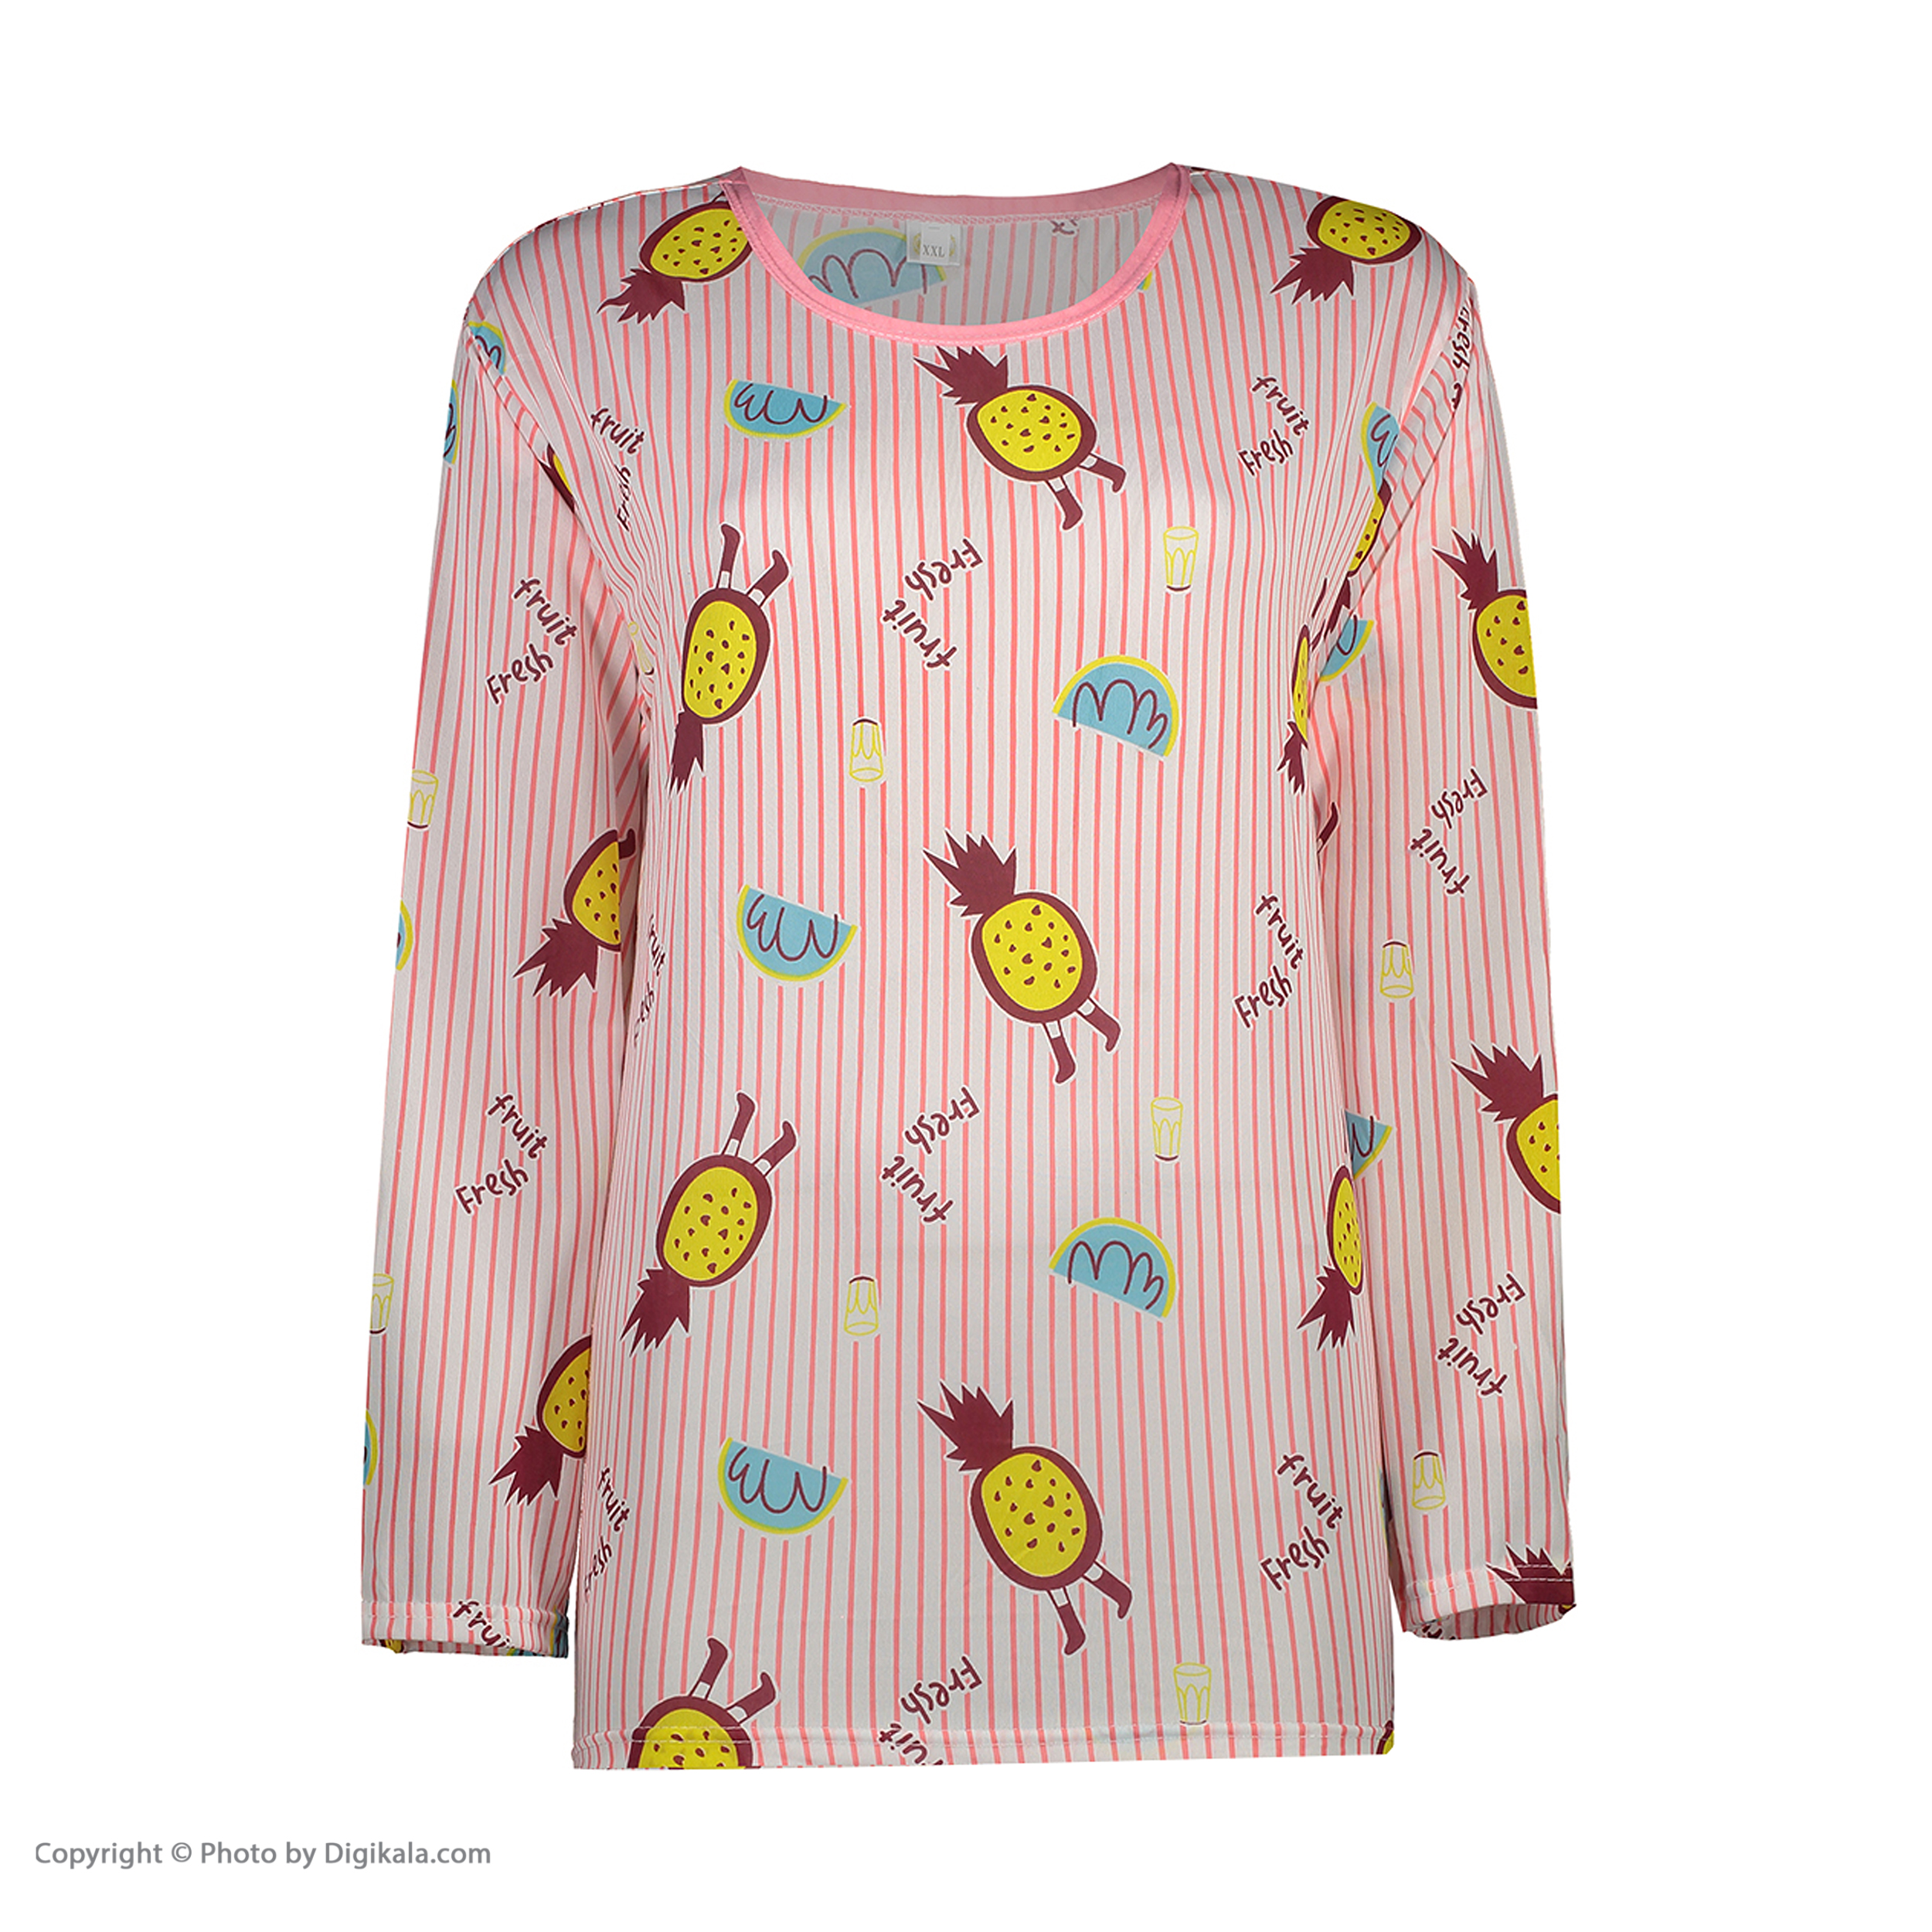 ست تی شرت و شلوار زنانه کد klnqsh- blzpnt.006.2